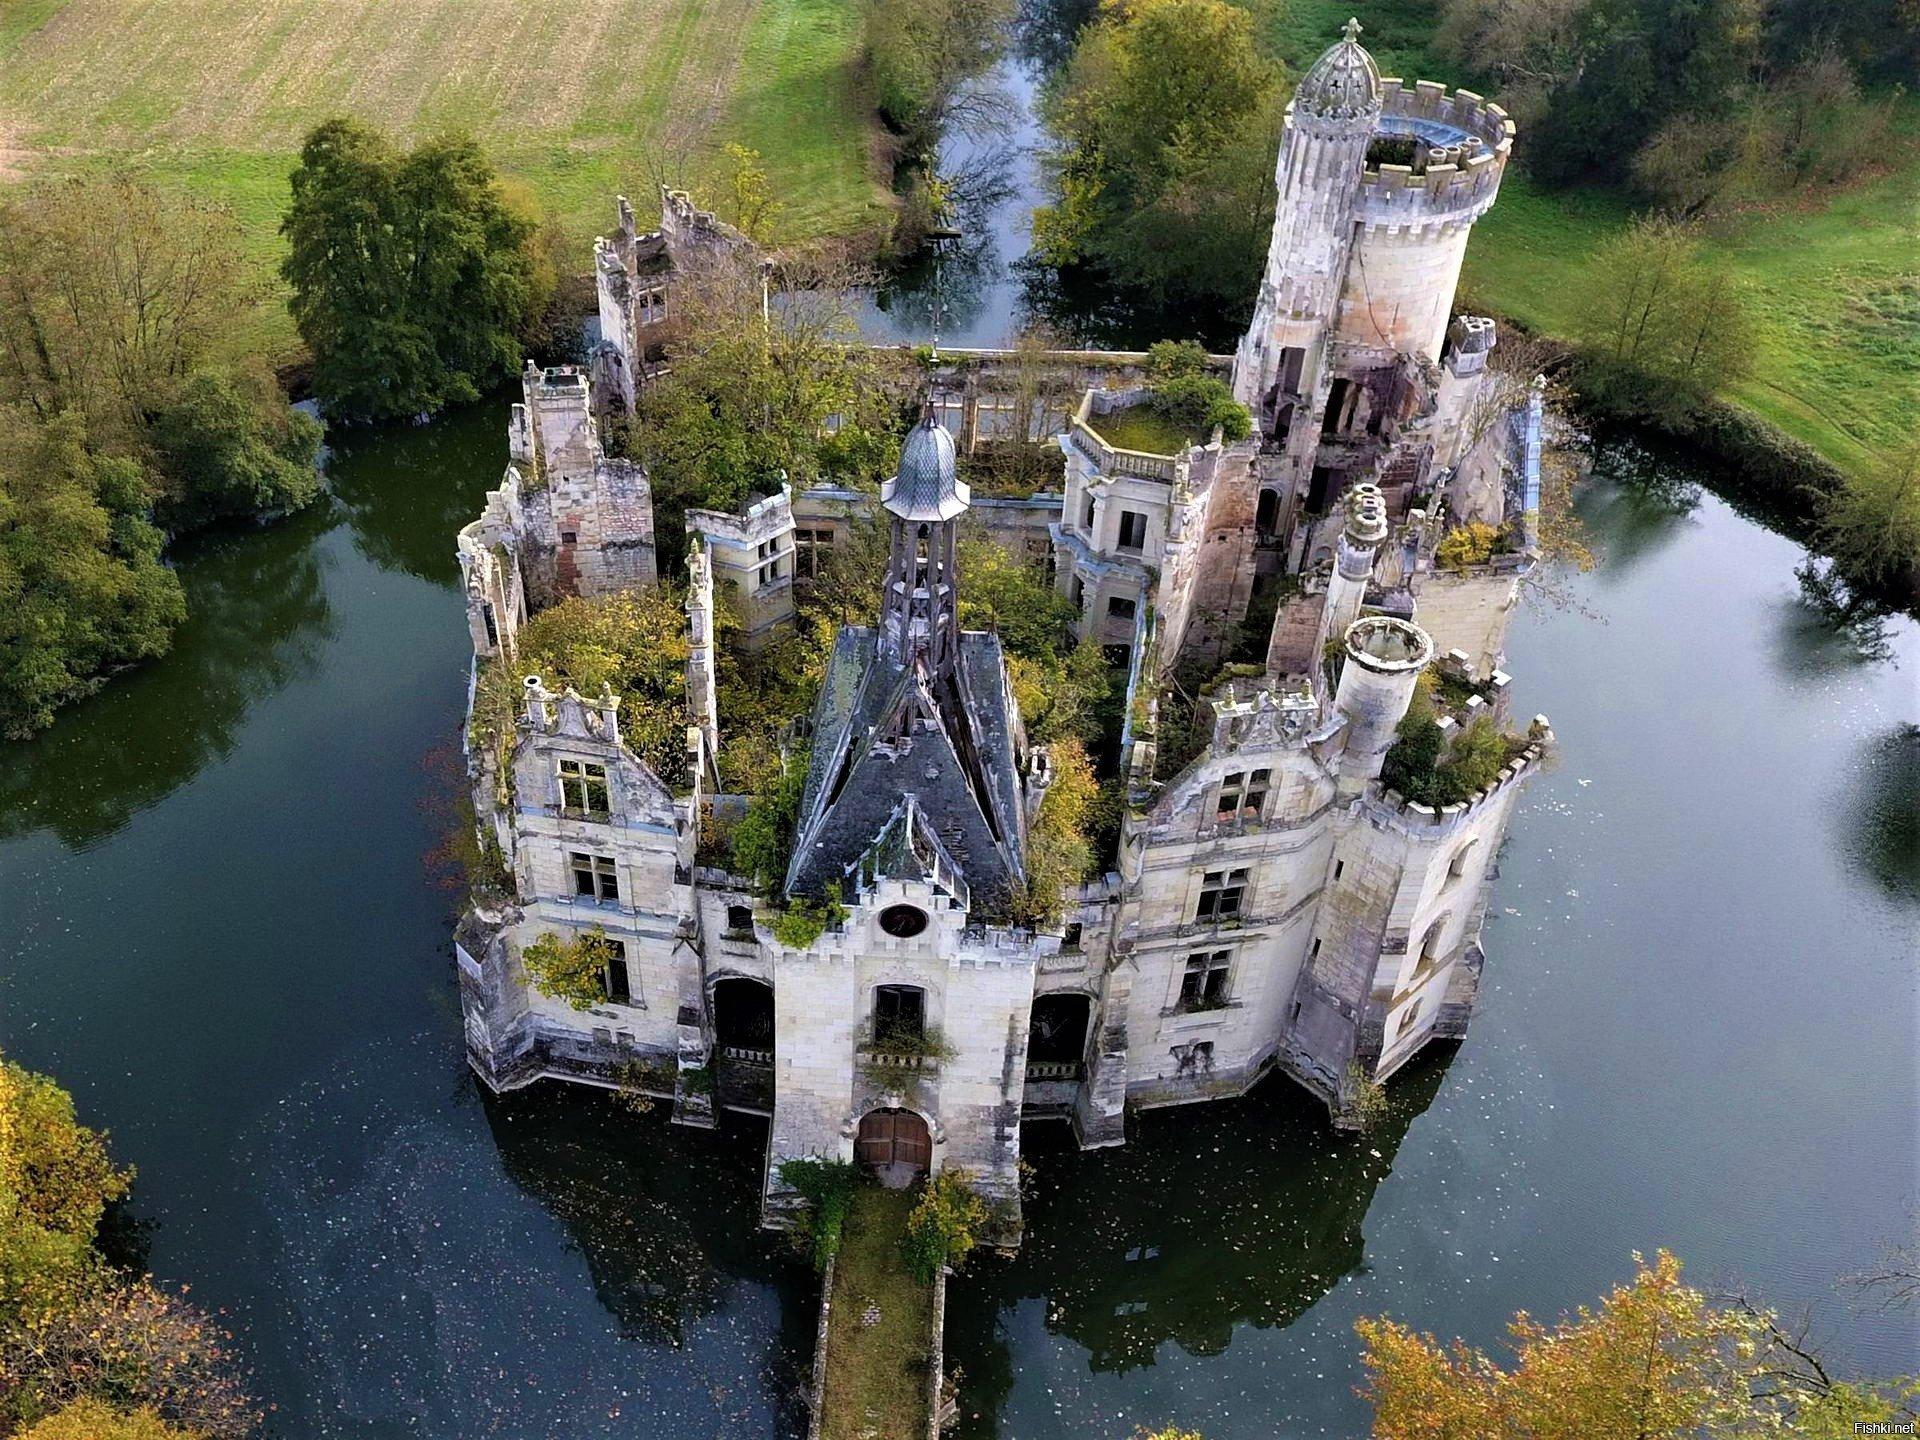 Château de la Mothe-Chandeniers France